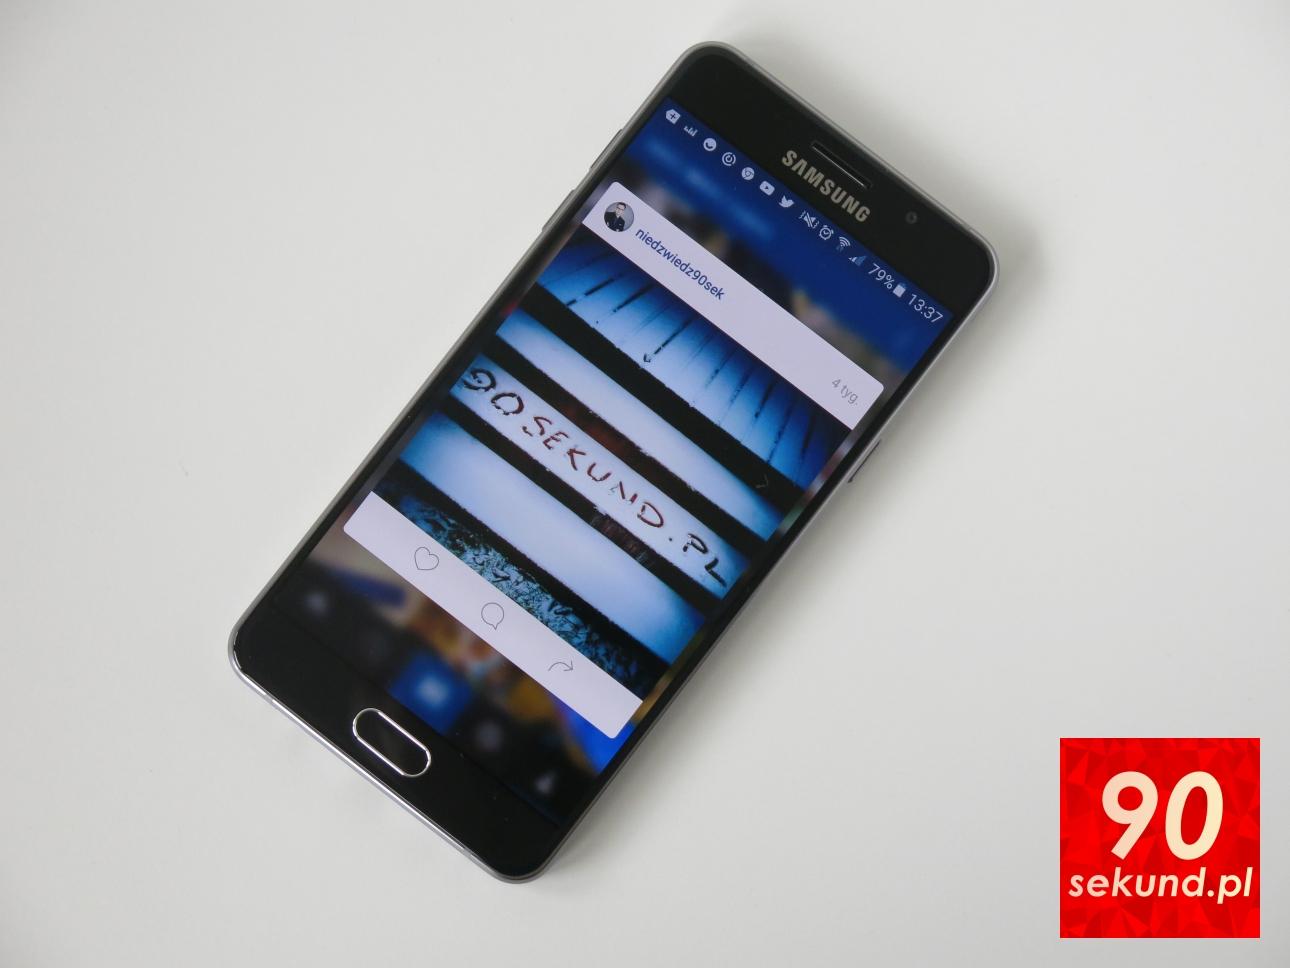 Samsung Galaxy A5 2016 (SM-A510F) - 90sekund.pl